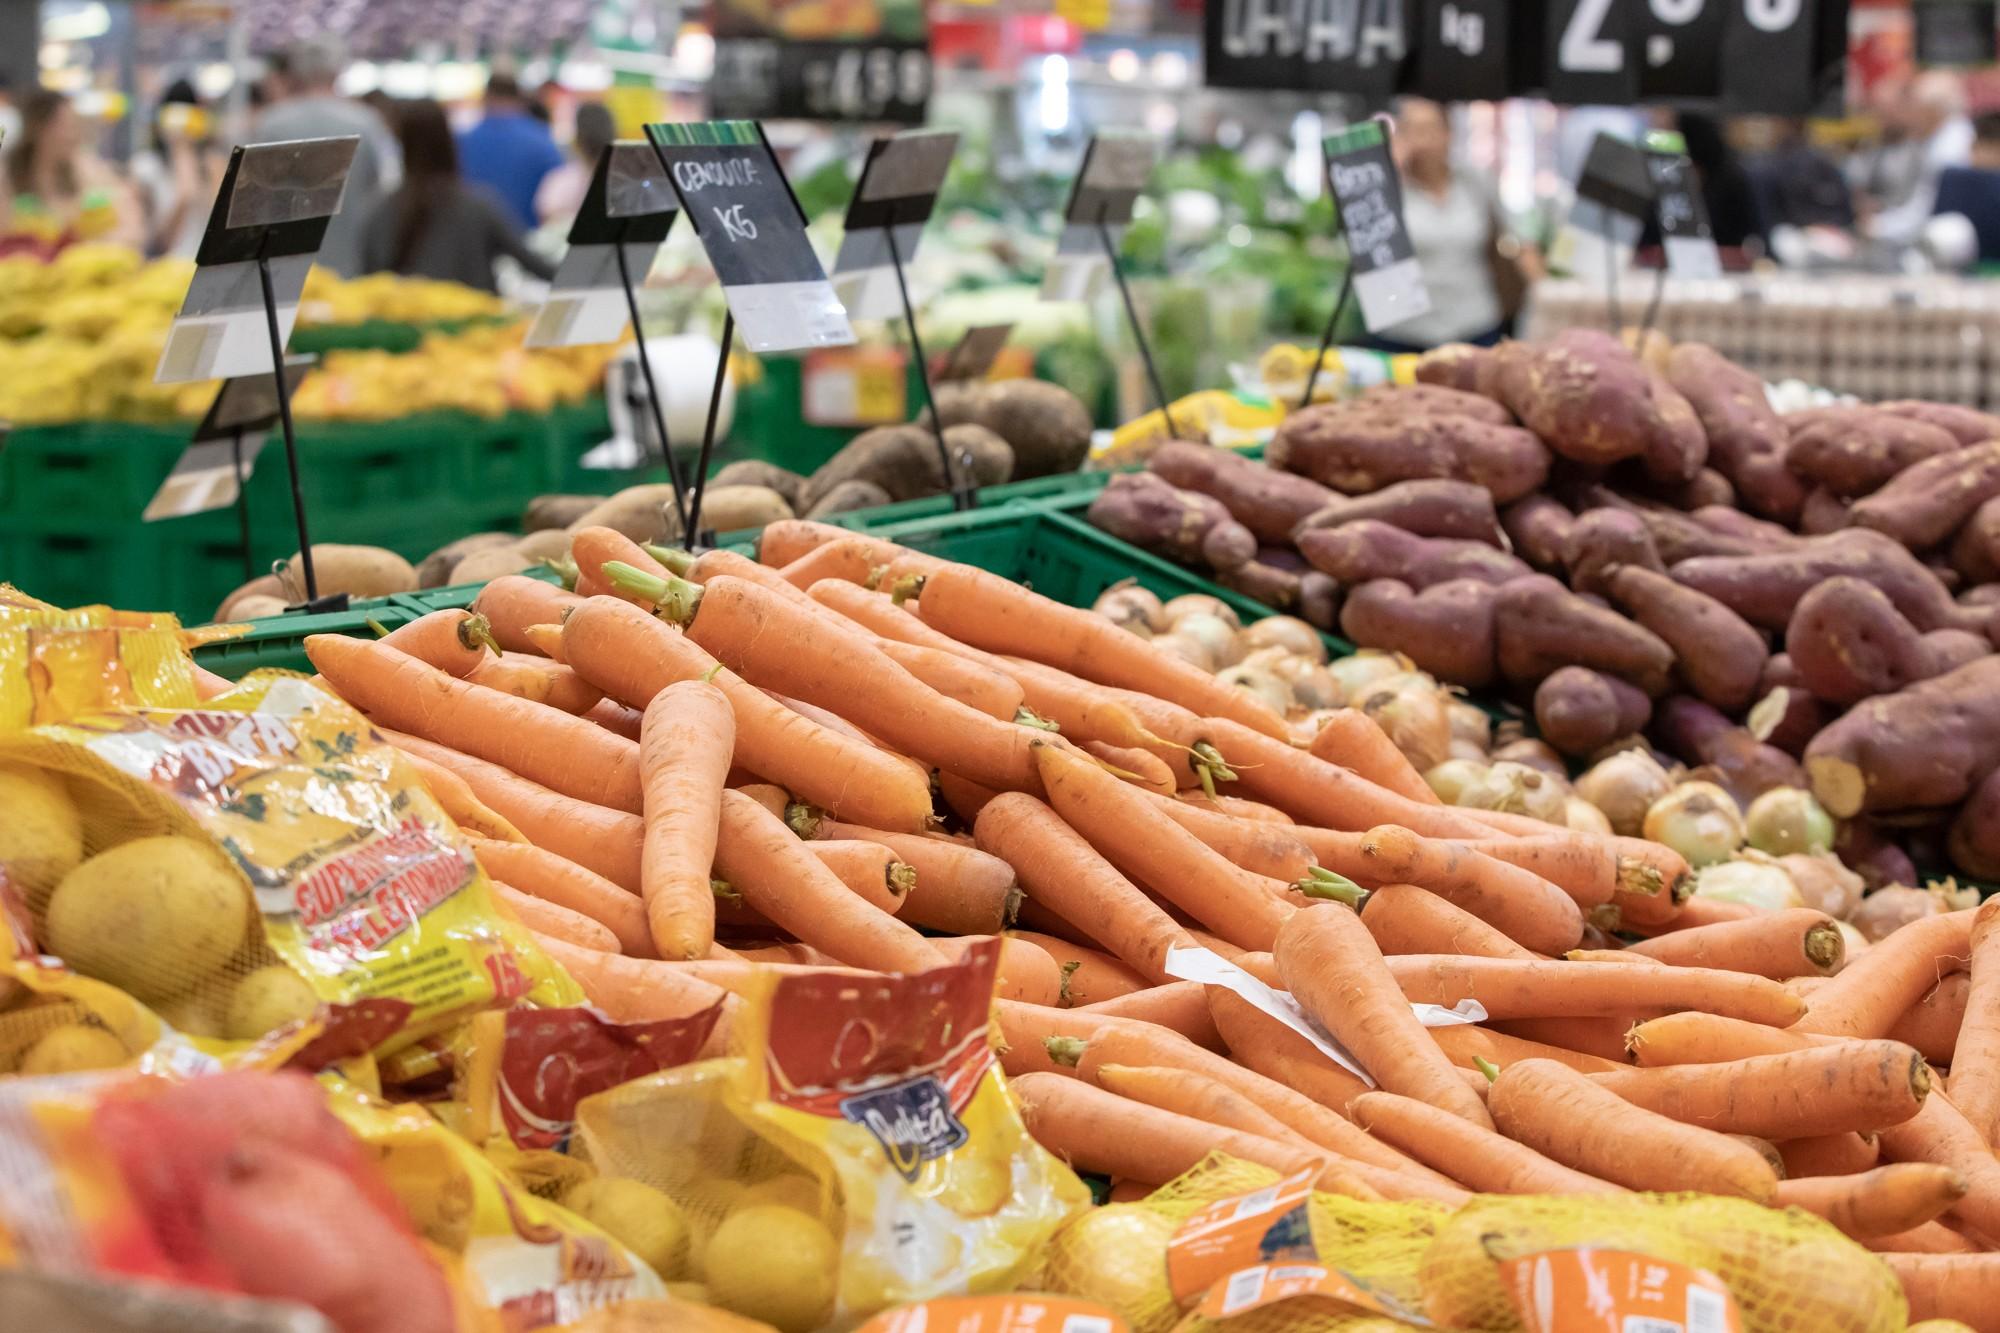 Como manter uma alimentação balanceada sem carne, com preços em alta no Brasil